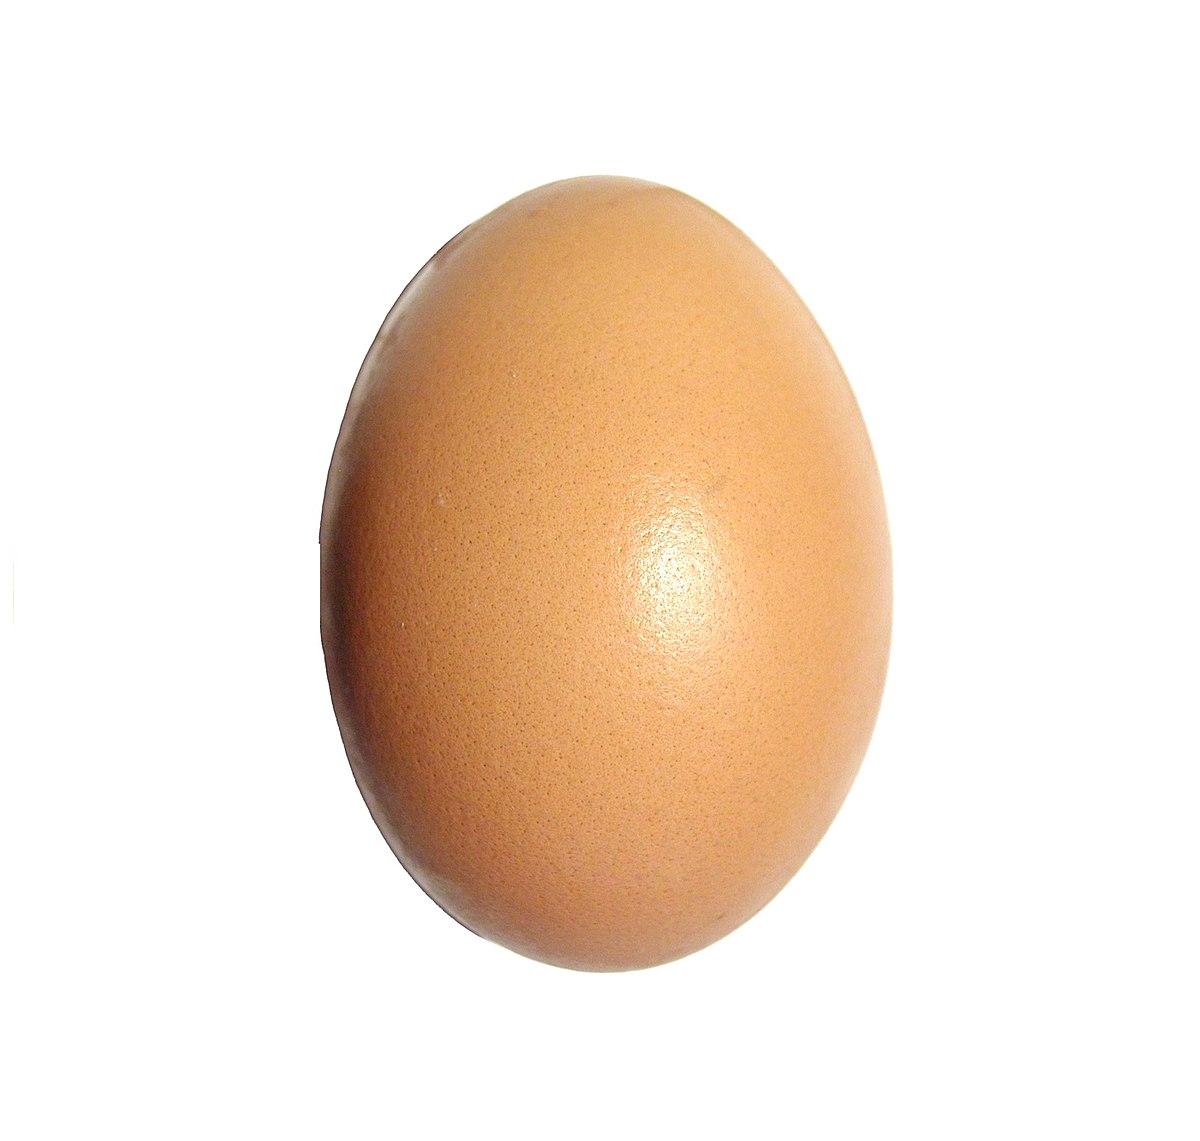 Egg upright.jpg